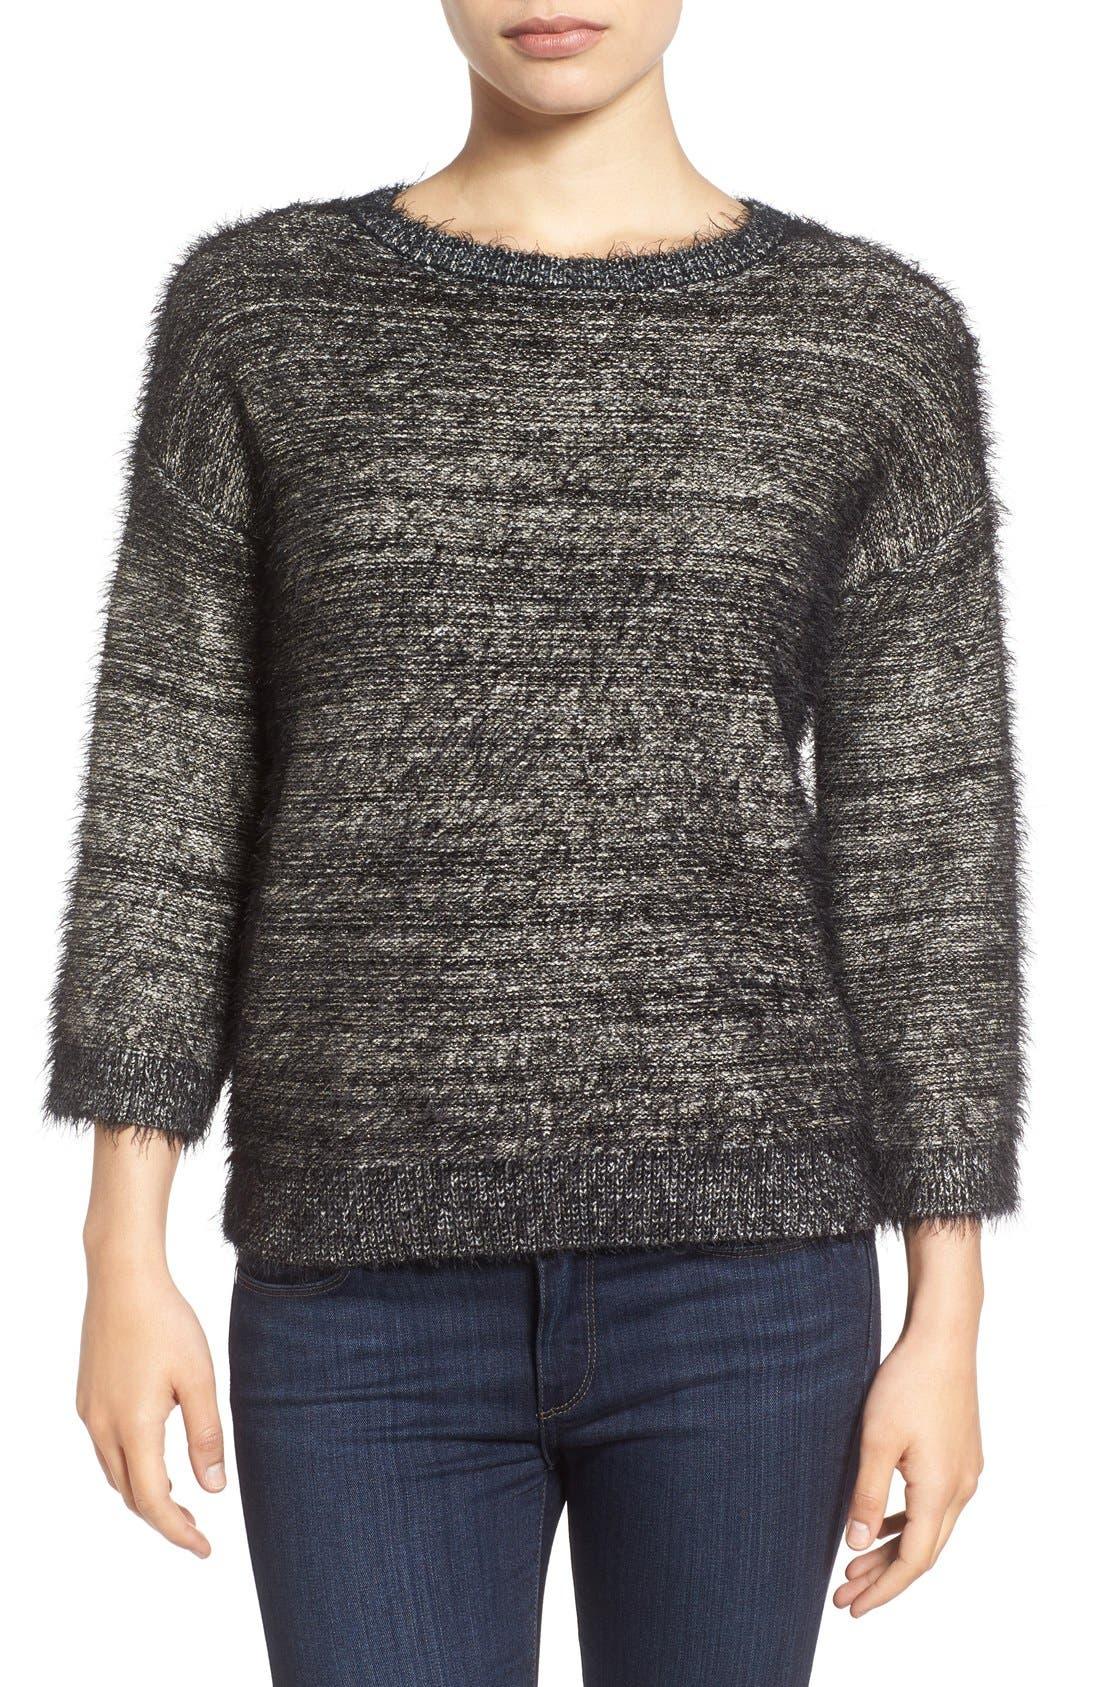 Alternate Image 1 Selected - Halogen® Metallic Eyelash Knit Sweater